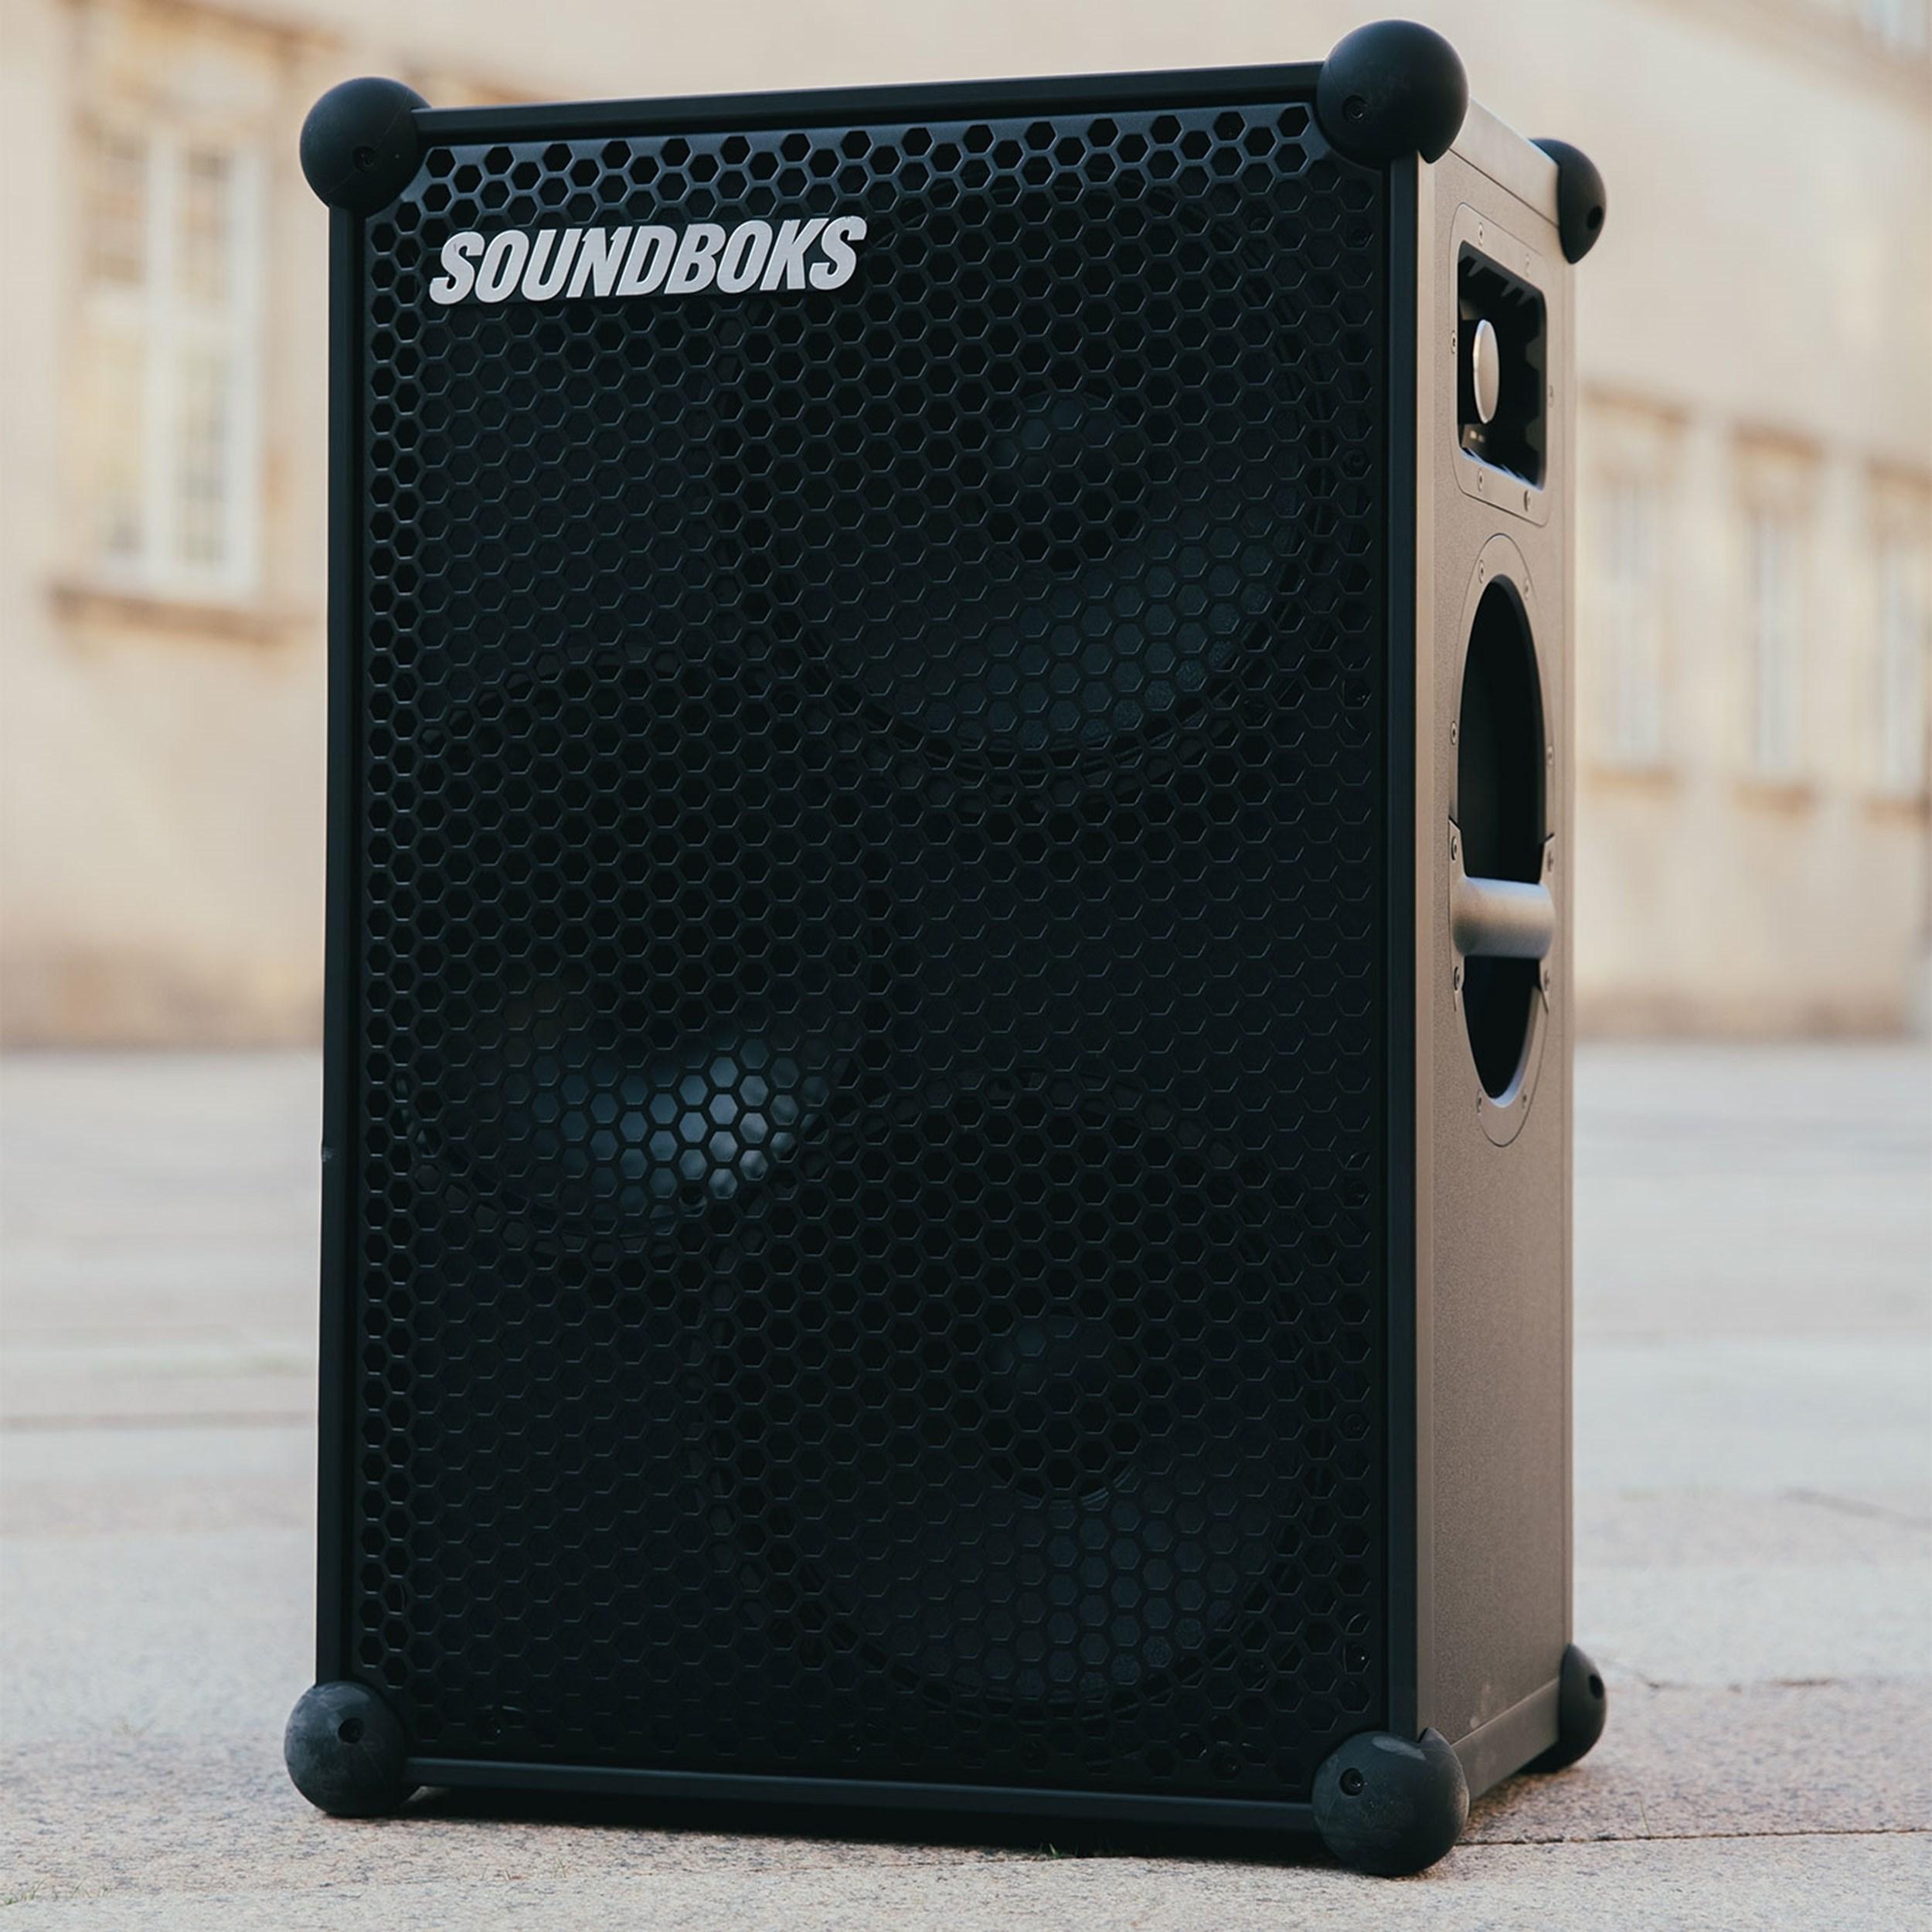 Soundboks The New Soundboks Bluetooth højtaler